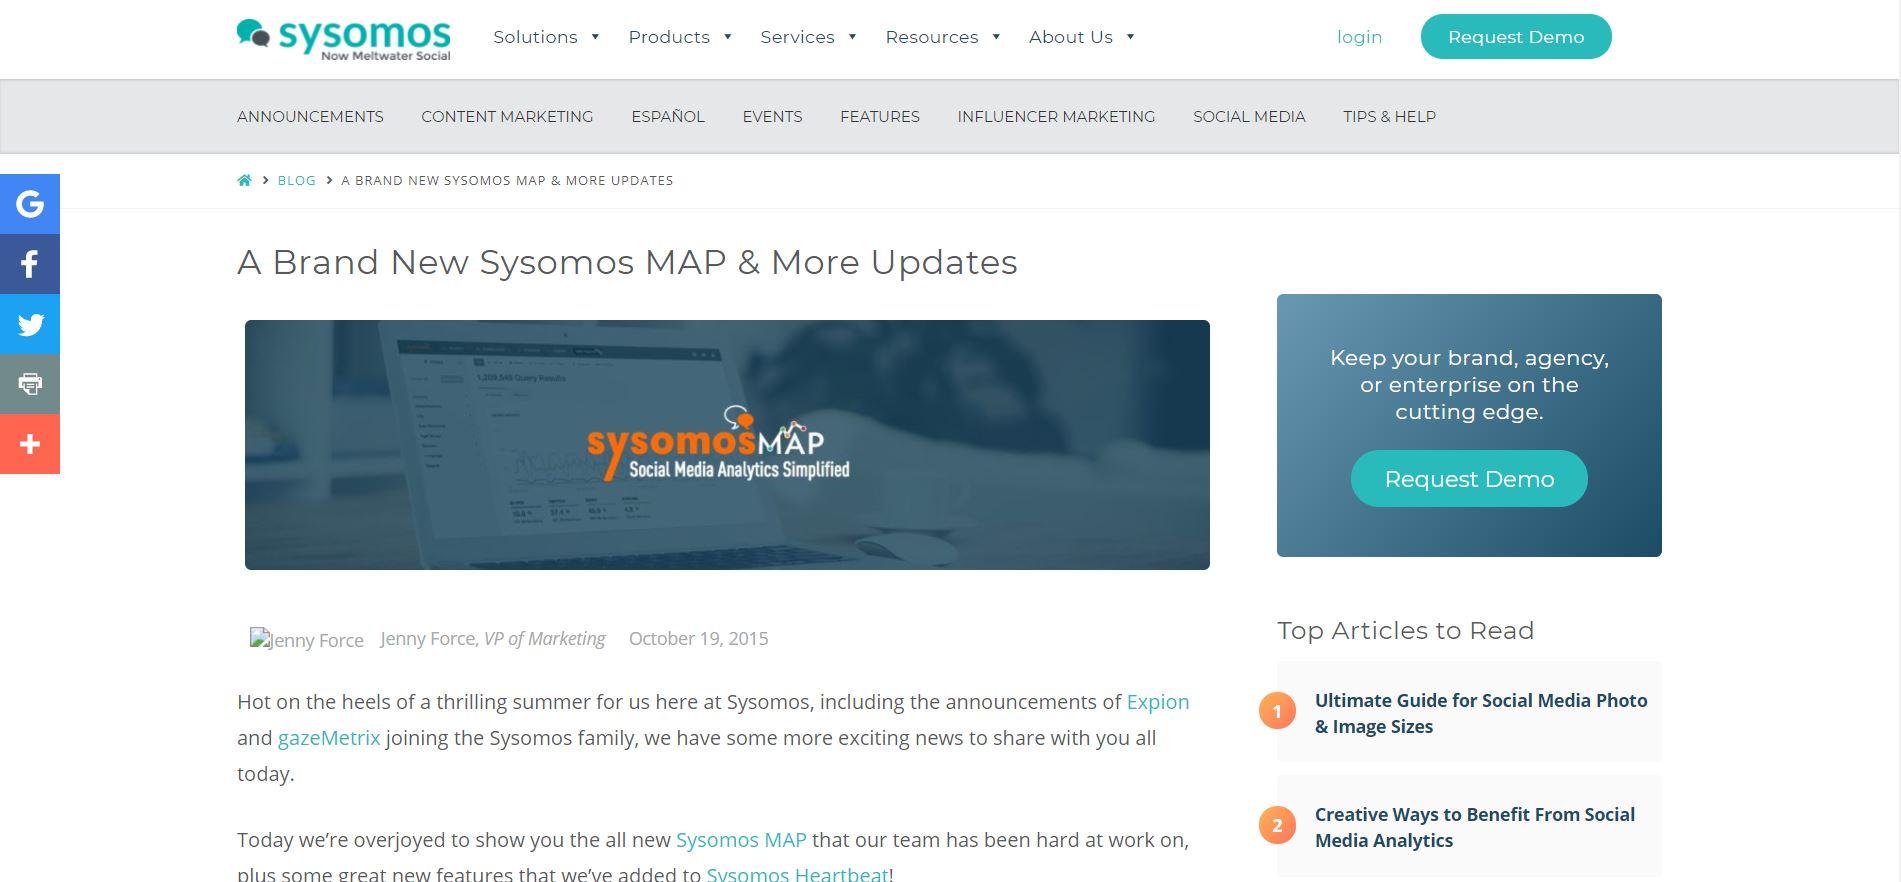 Sysomos Blog